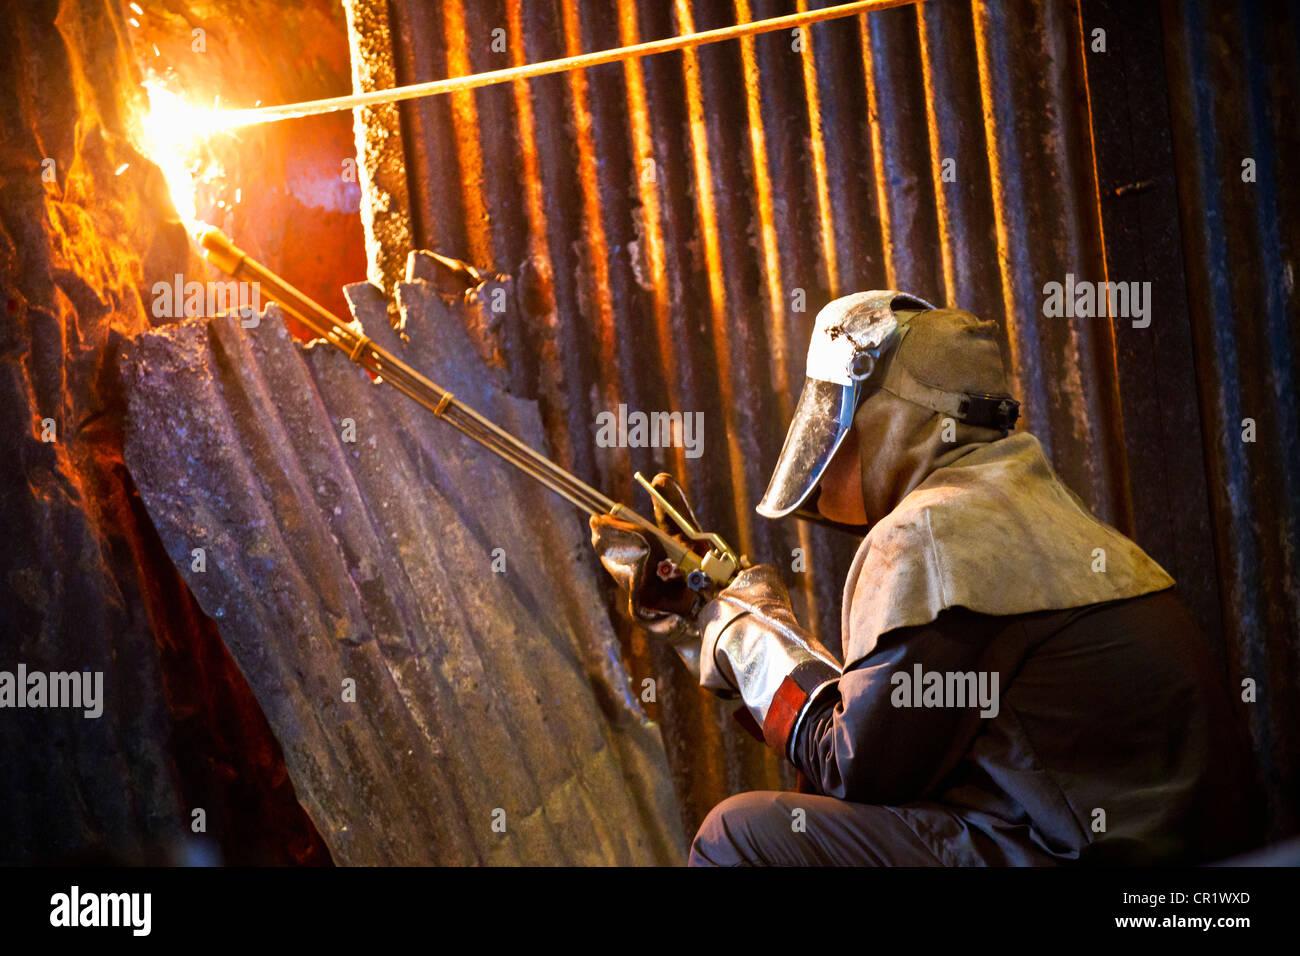 Soldador en el trabajo en la forja de acero Imagen De Stock